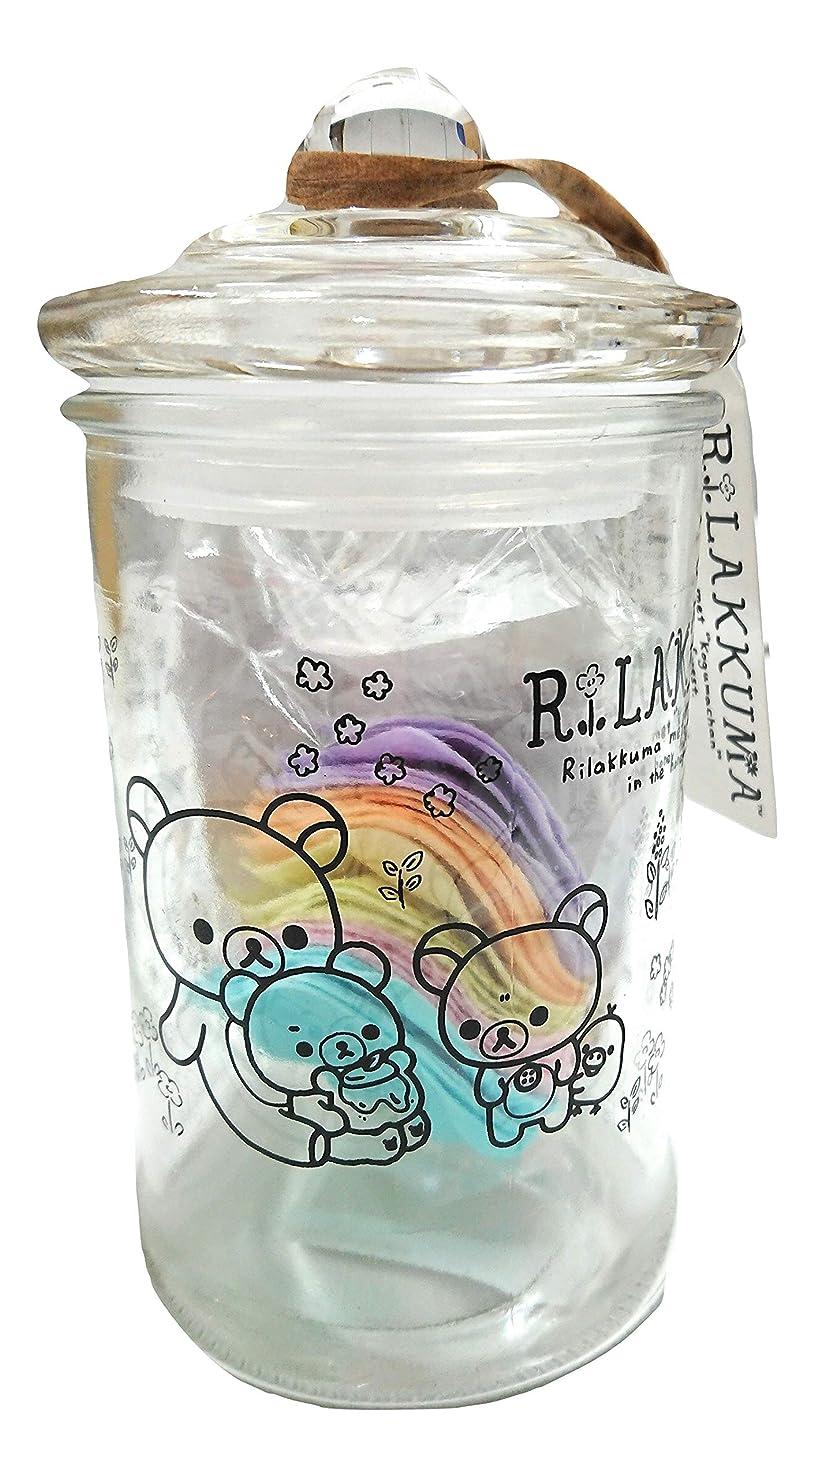 勧告シエスタシードリラックマ バスフレグランス ボトル(ROSE)入浴剤 ギフト